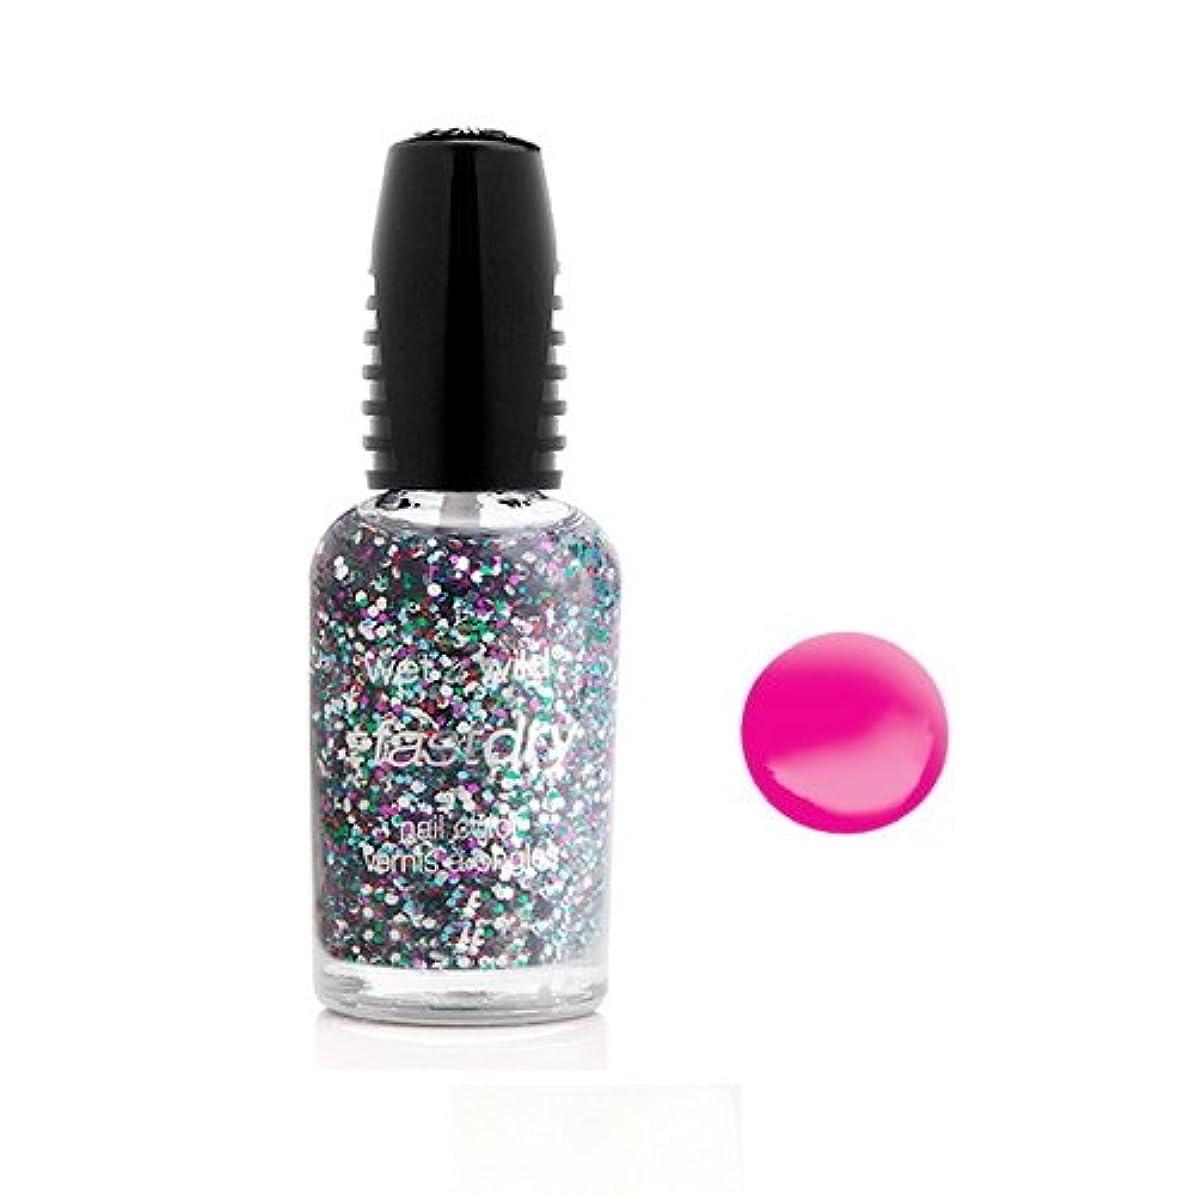 意志に反する増強絞るWET N WILD Fastdry Nail Color - How I Met Your Magenta (並行輸入品)